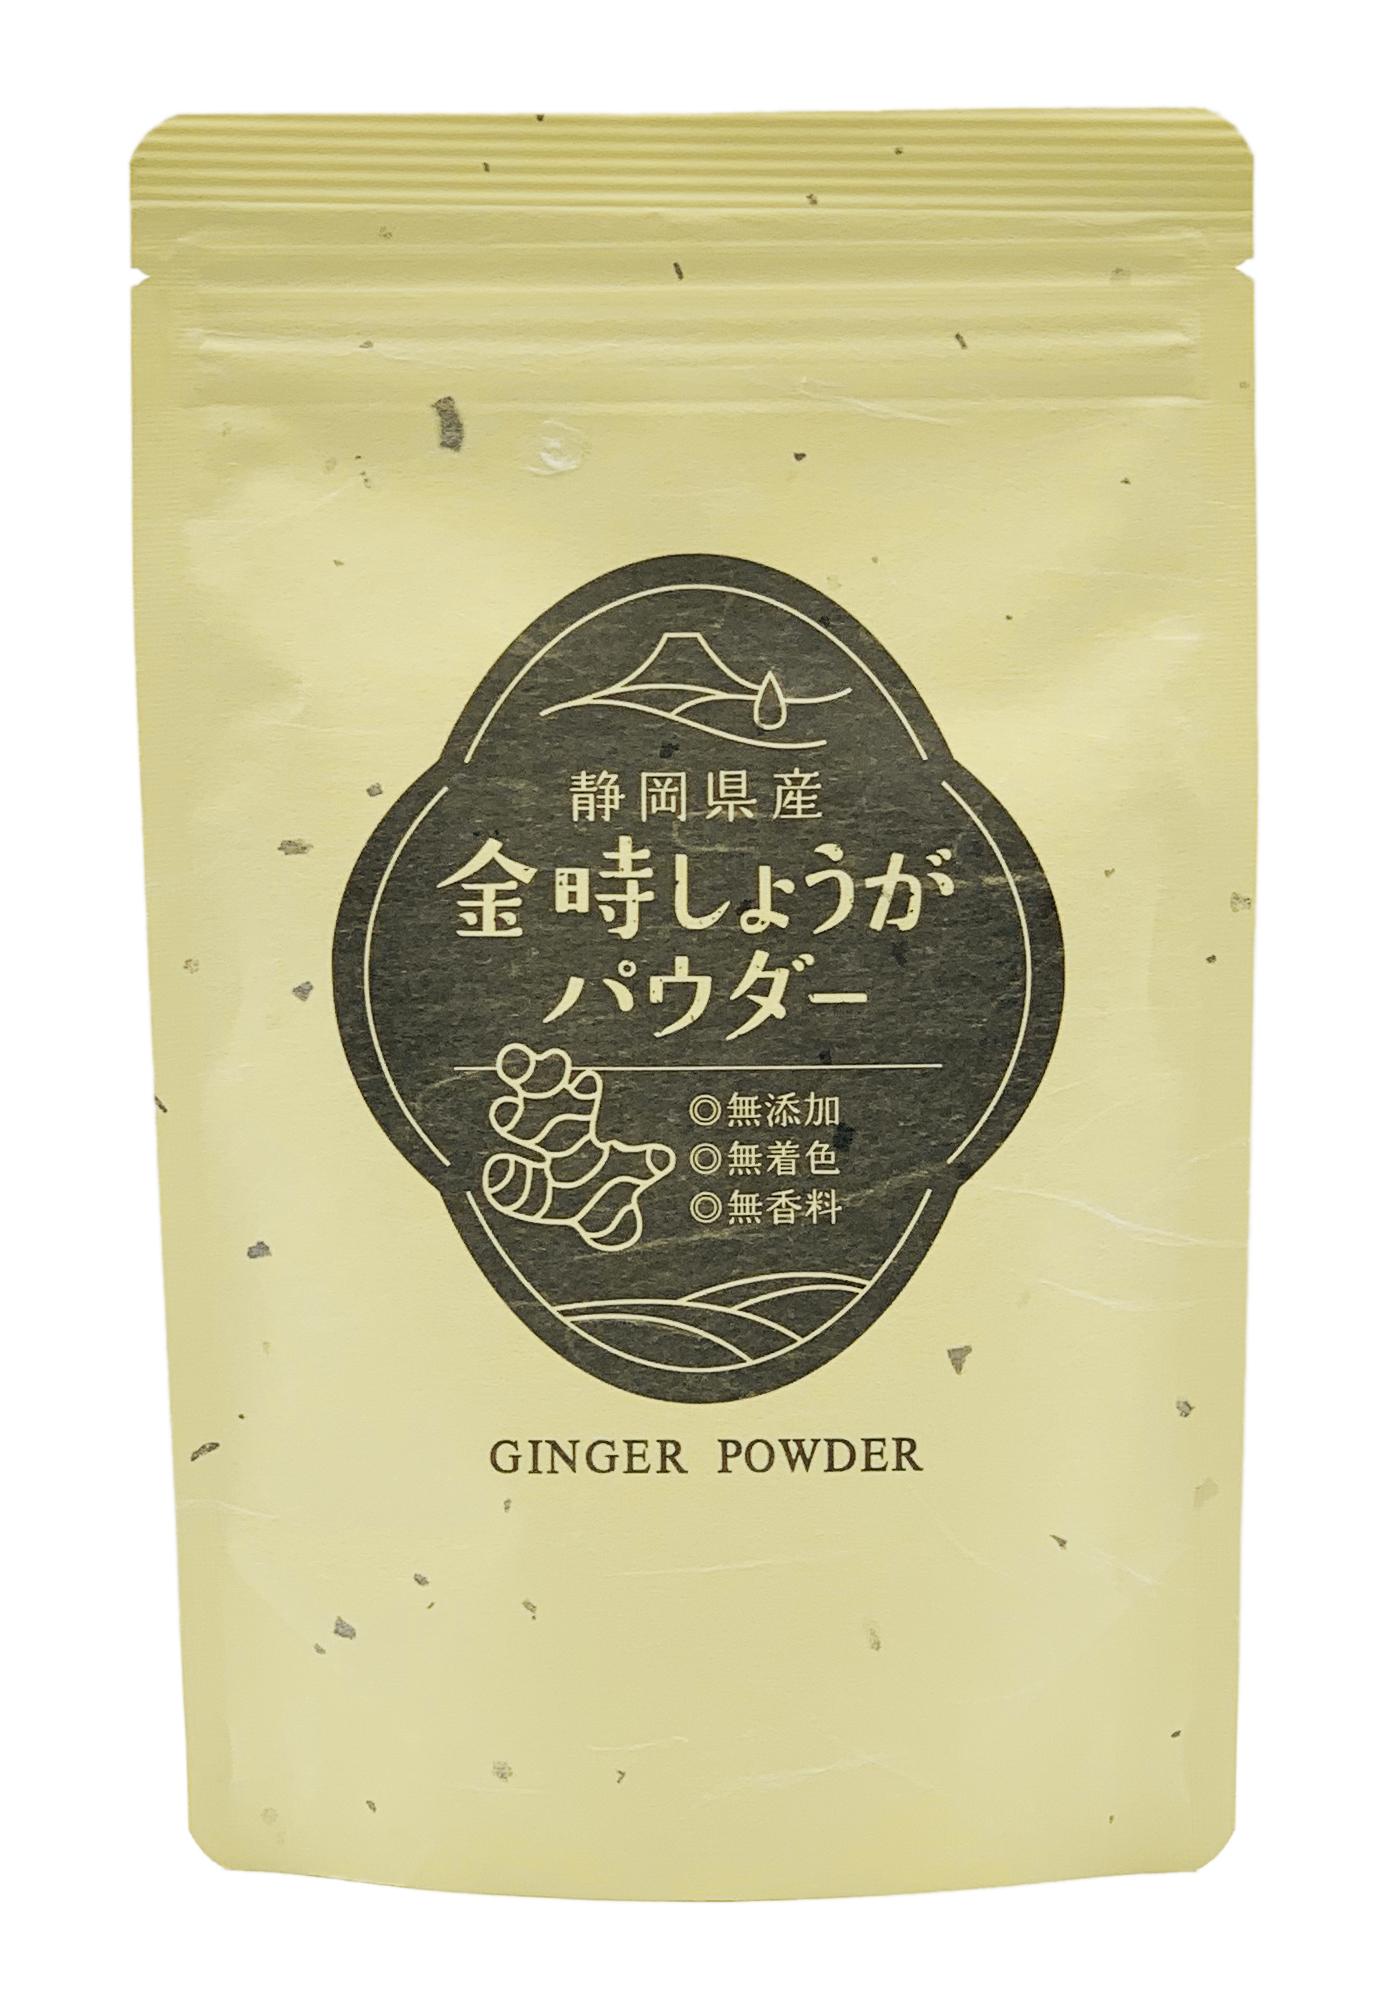 金時生姜パウダー 静岡県産 2020 新作 みずたま農園製茶場 無添加 無着色 国産 無香料 新色